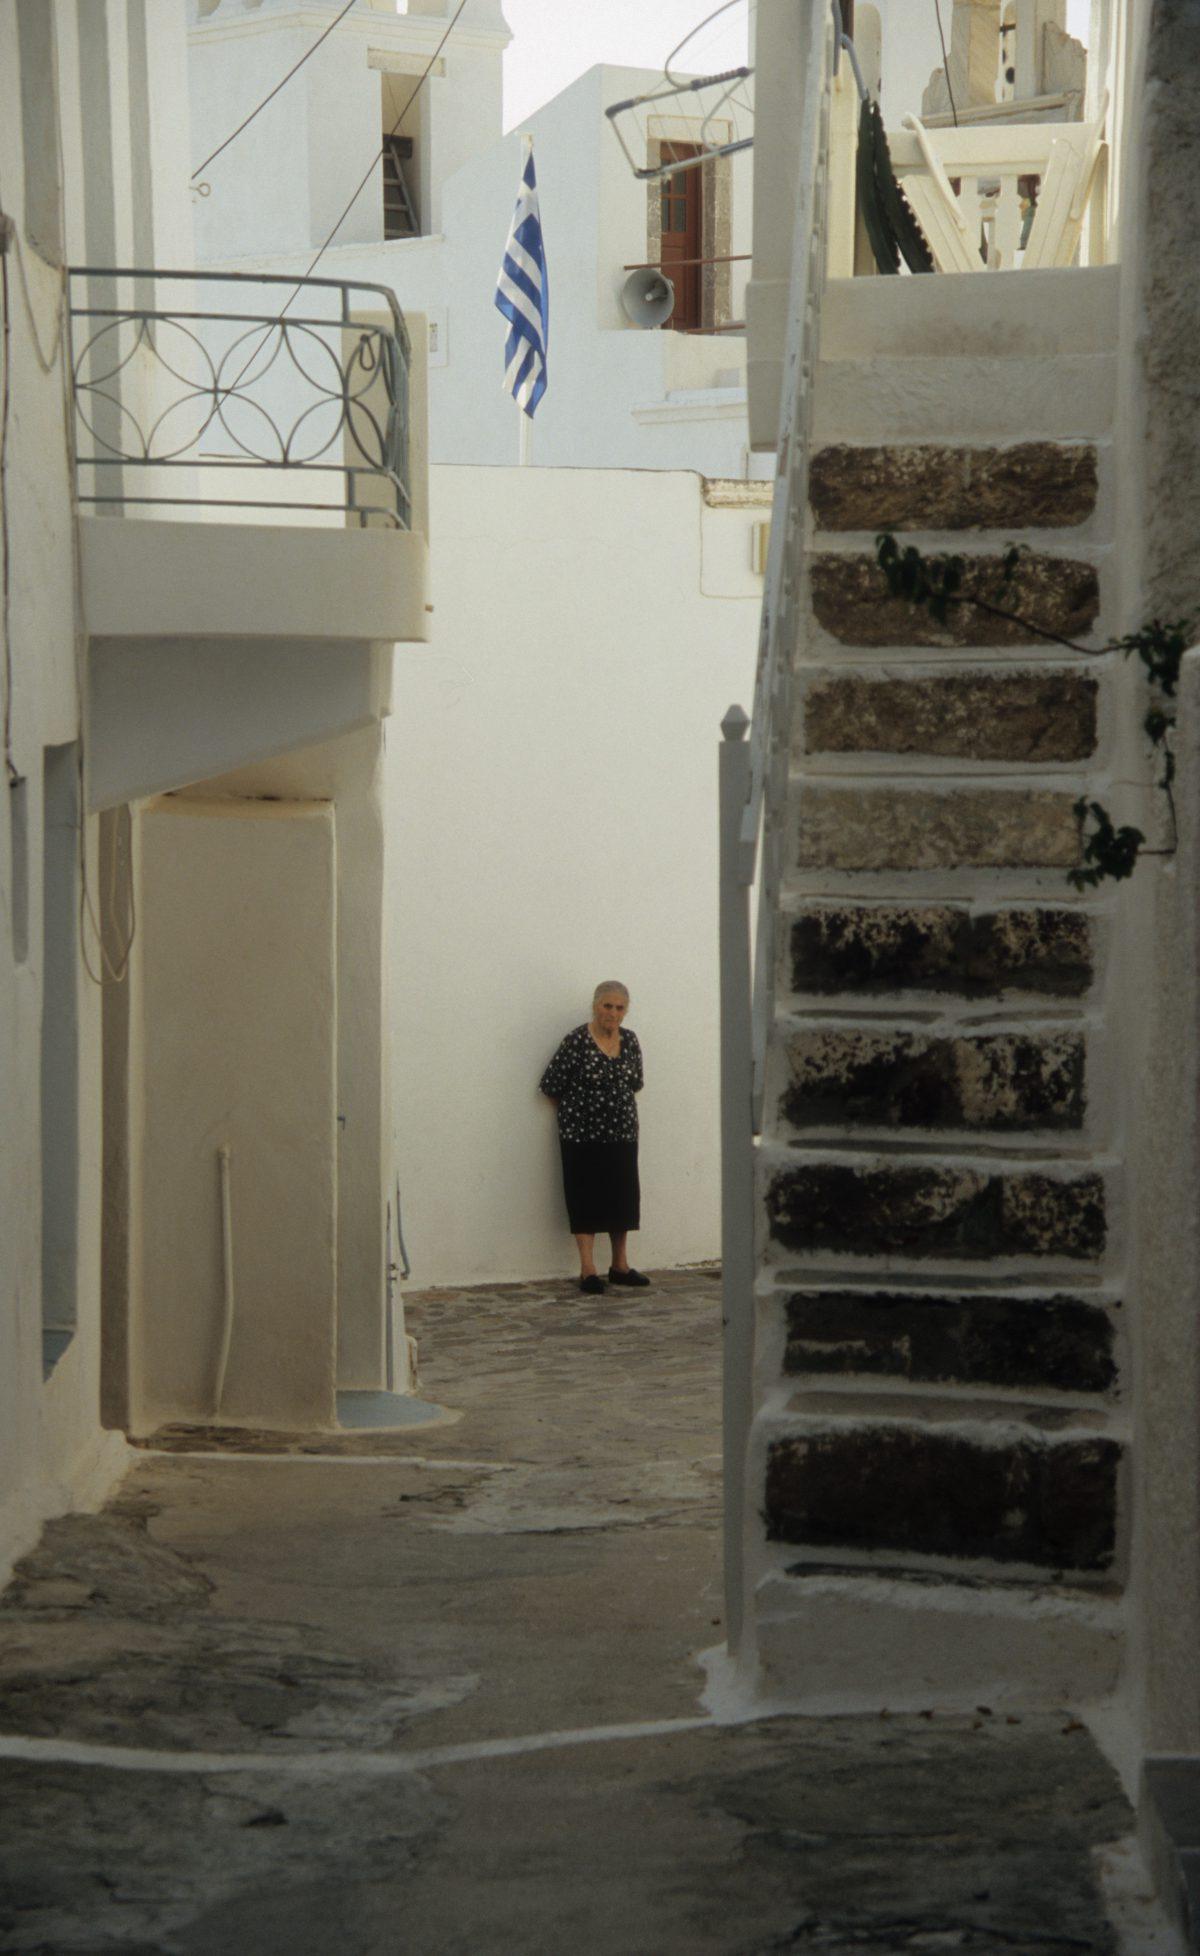 alley, stair, village